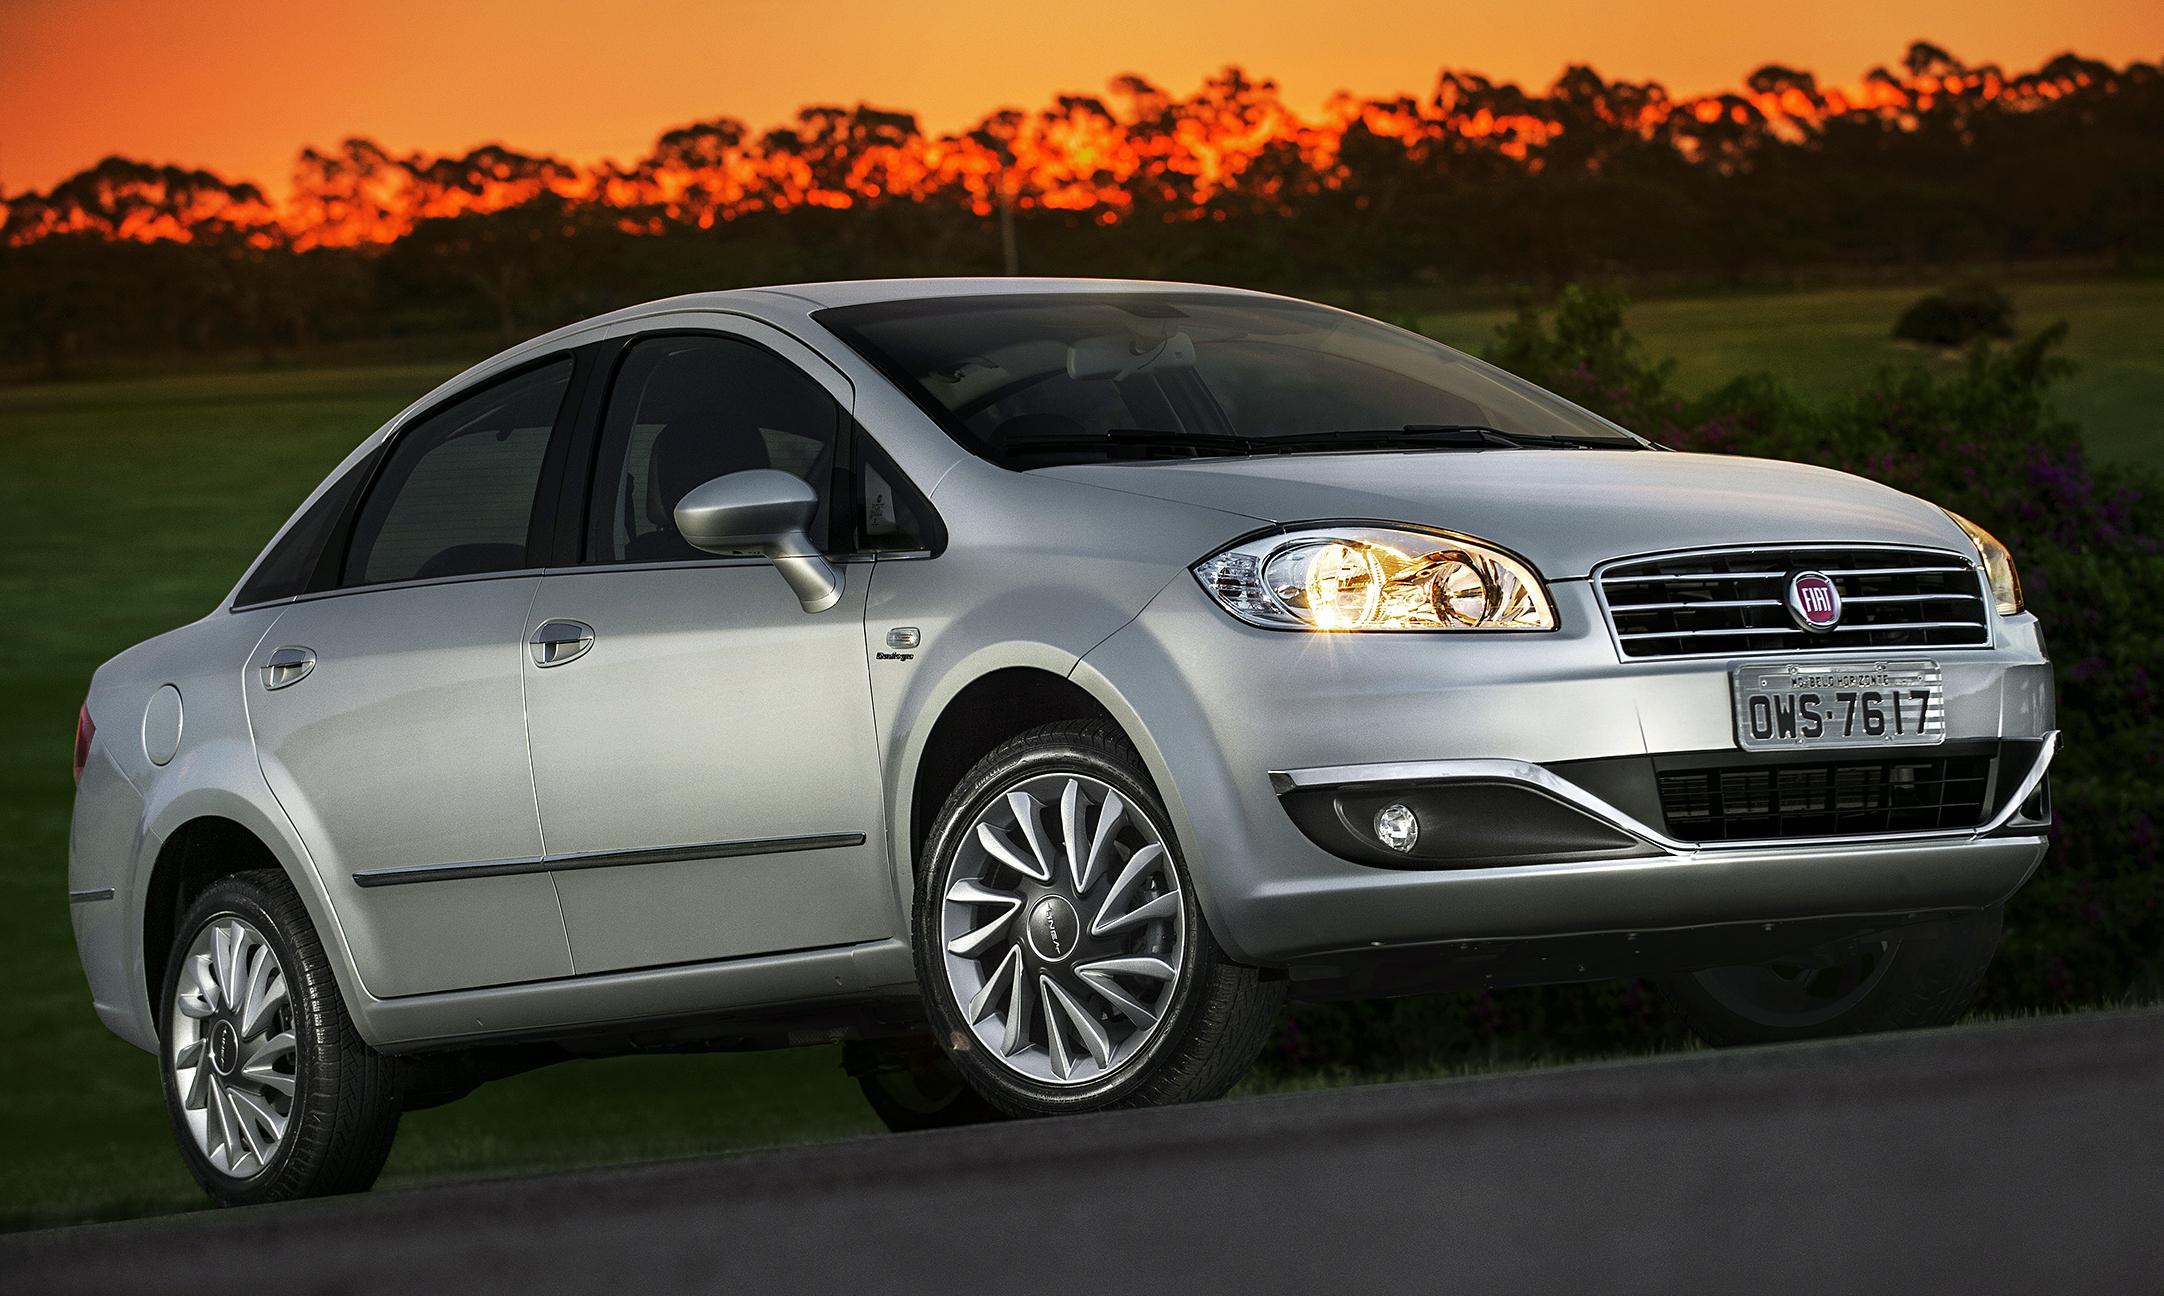 Fiat Linea 1.3 16V Multijet (90 Hp)